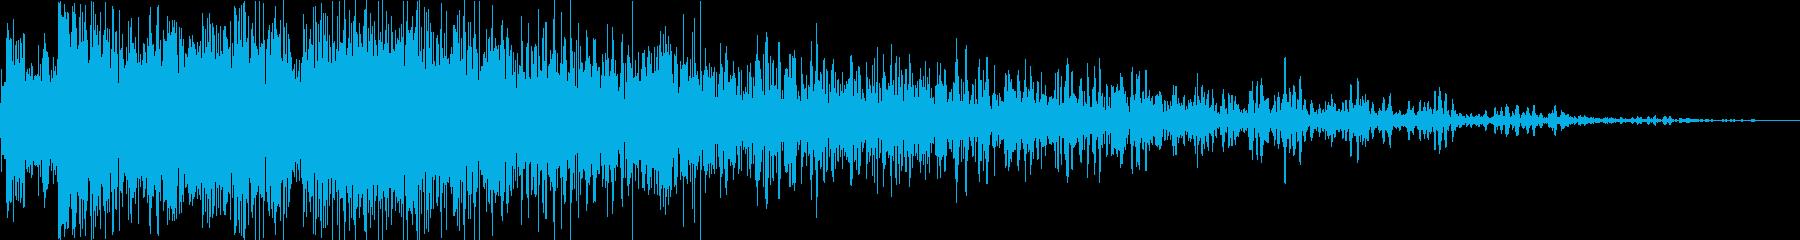 インパクトシャープインテンスヒット...の再生済みの波形